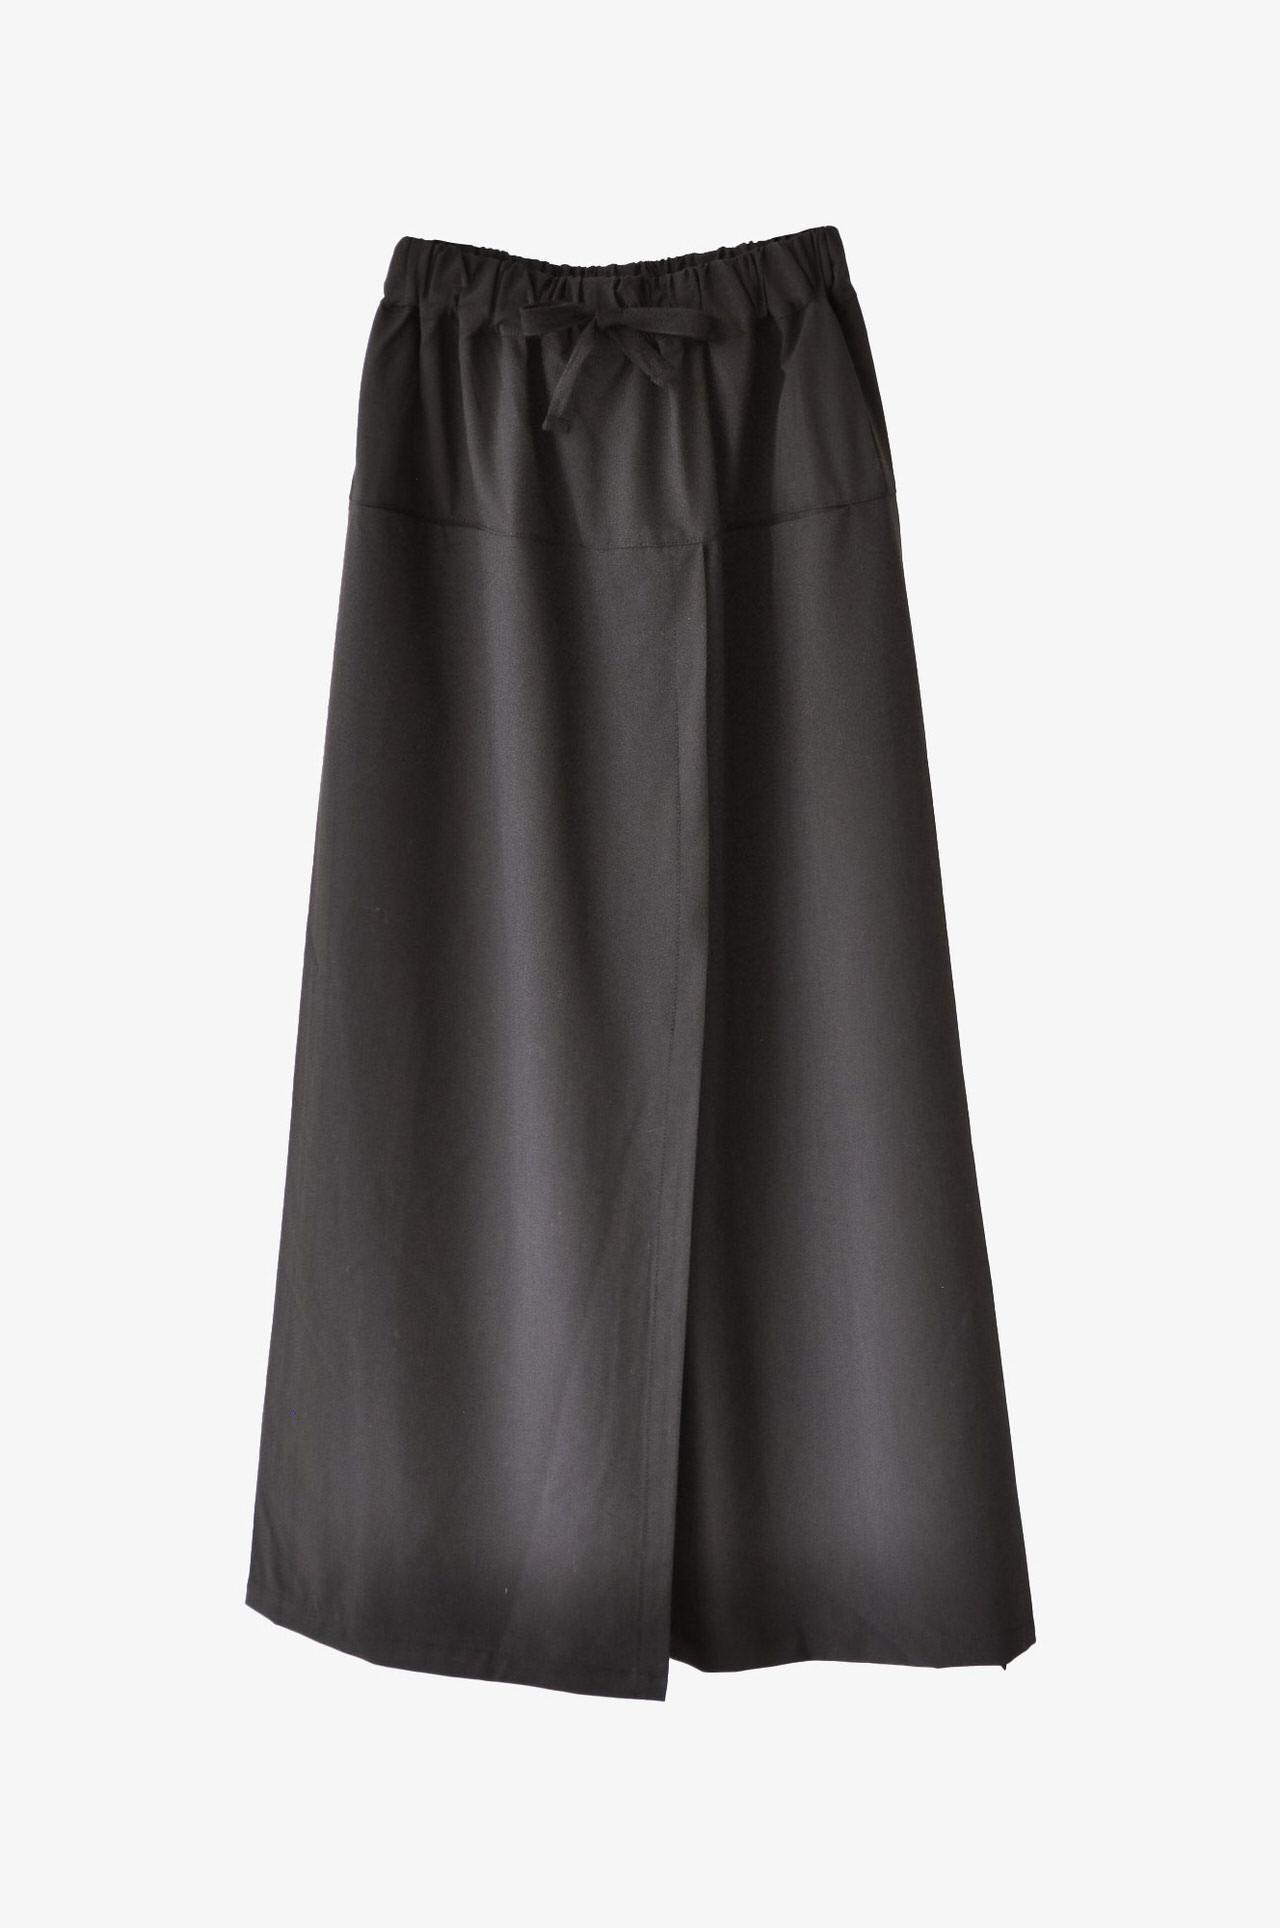 ブラック / Size XS